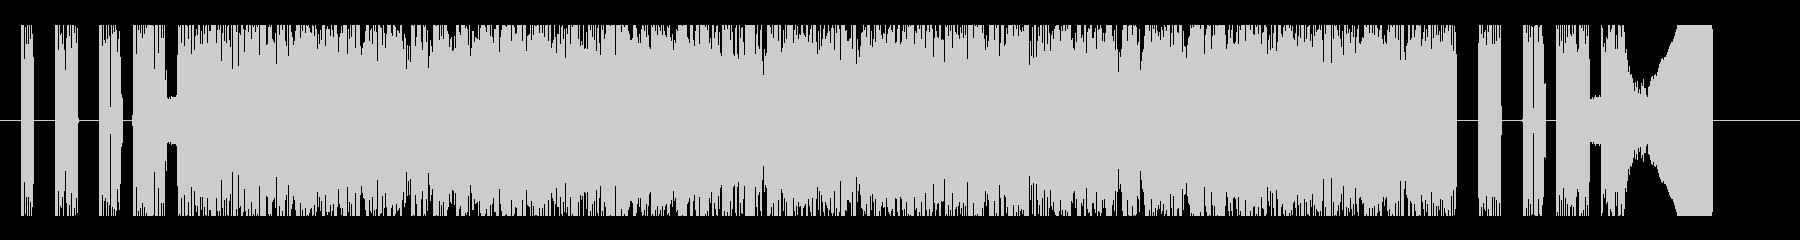 ゴリゴリの激しい和風疾走チップチューンの未再生の波形